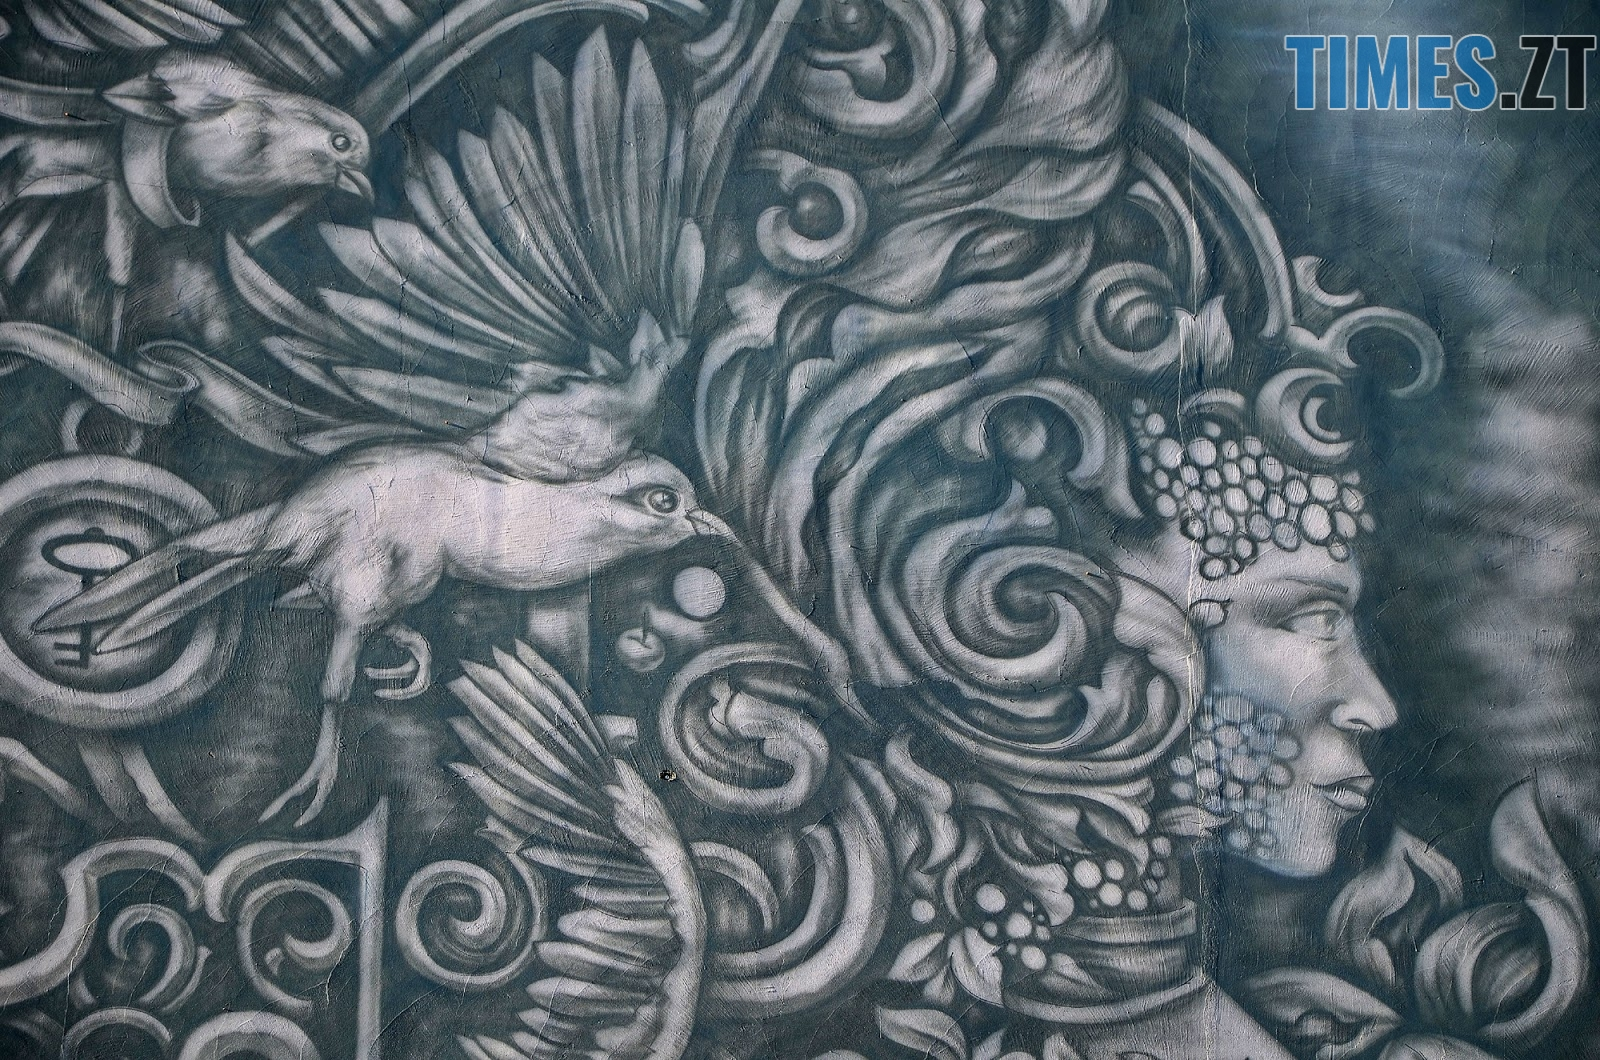 Krab 7 - Новий мурал «Трисвіт» як наймасштабніший витвір вуличного мистецтва у Житомирі